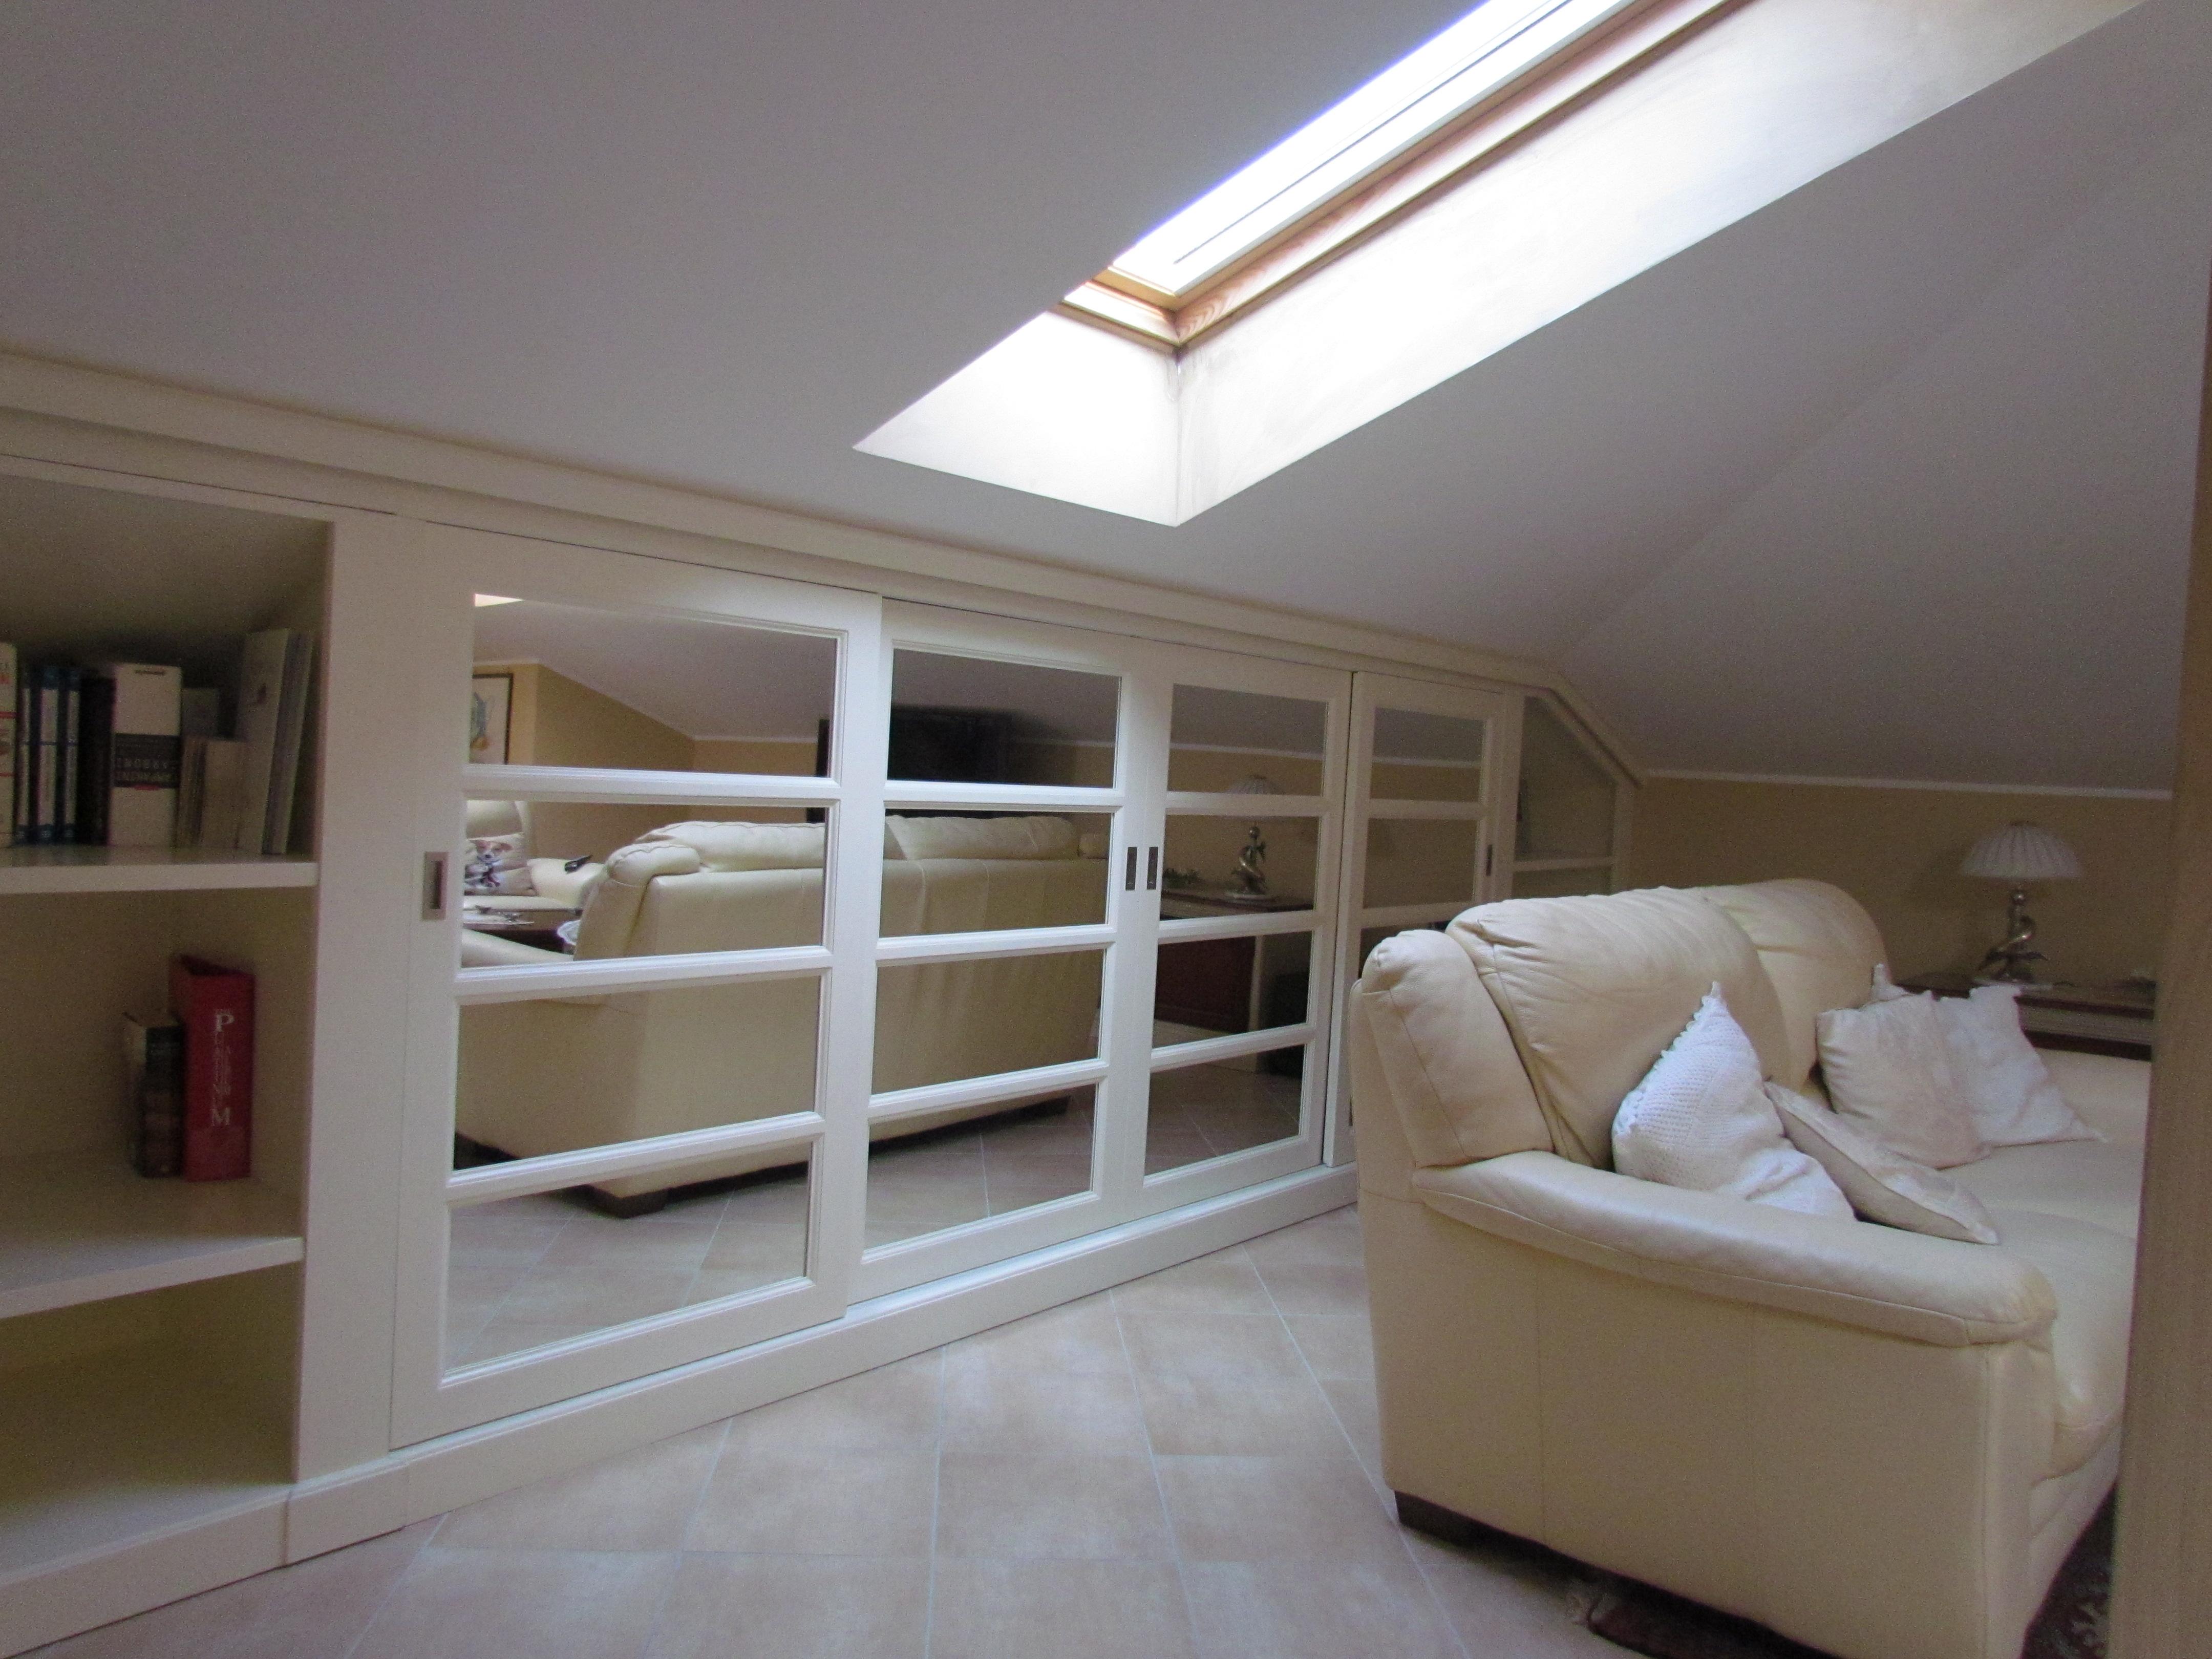 Arredare la mansarda con mobili su misura garden house lazzerini - Mobili su misura mansarda ...